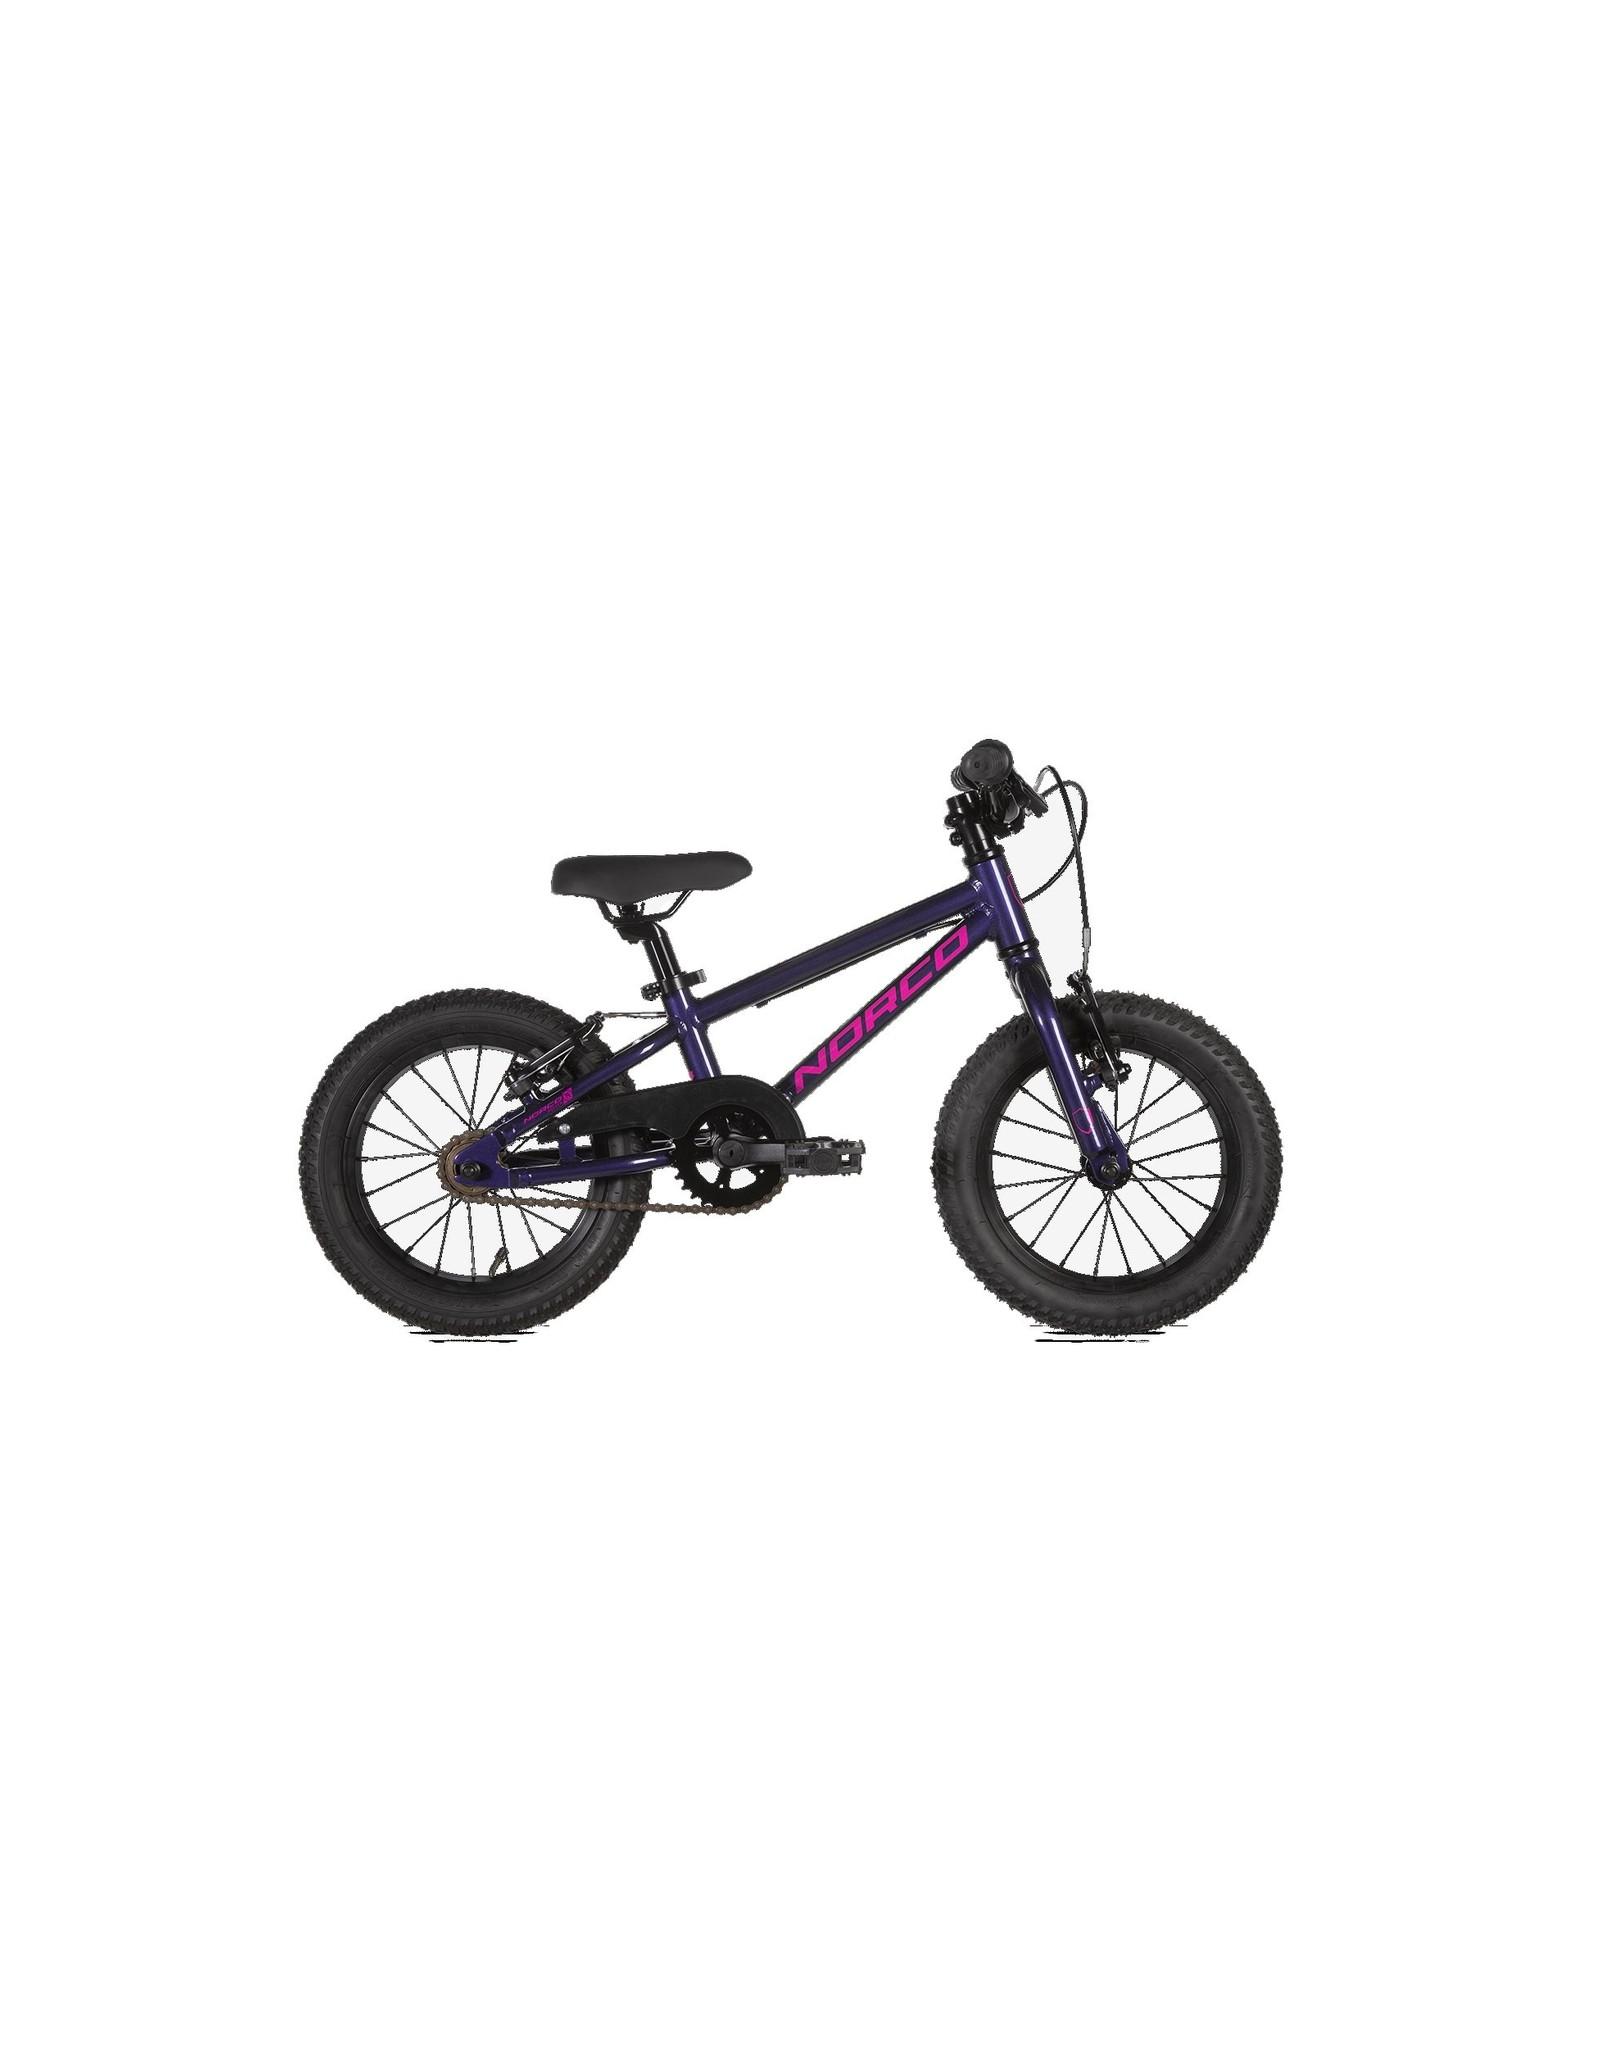 Norco Vélo Norco Roller 14 2021